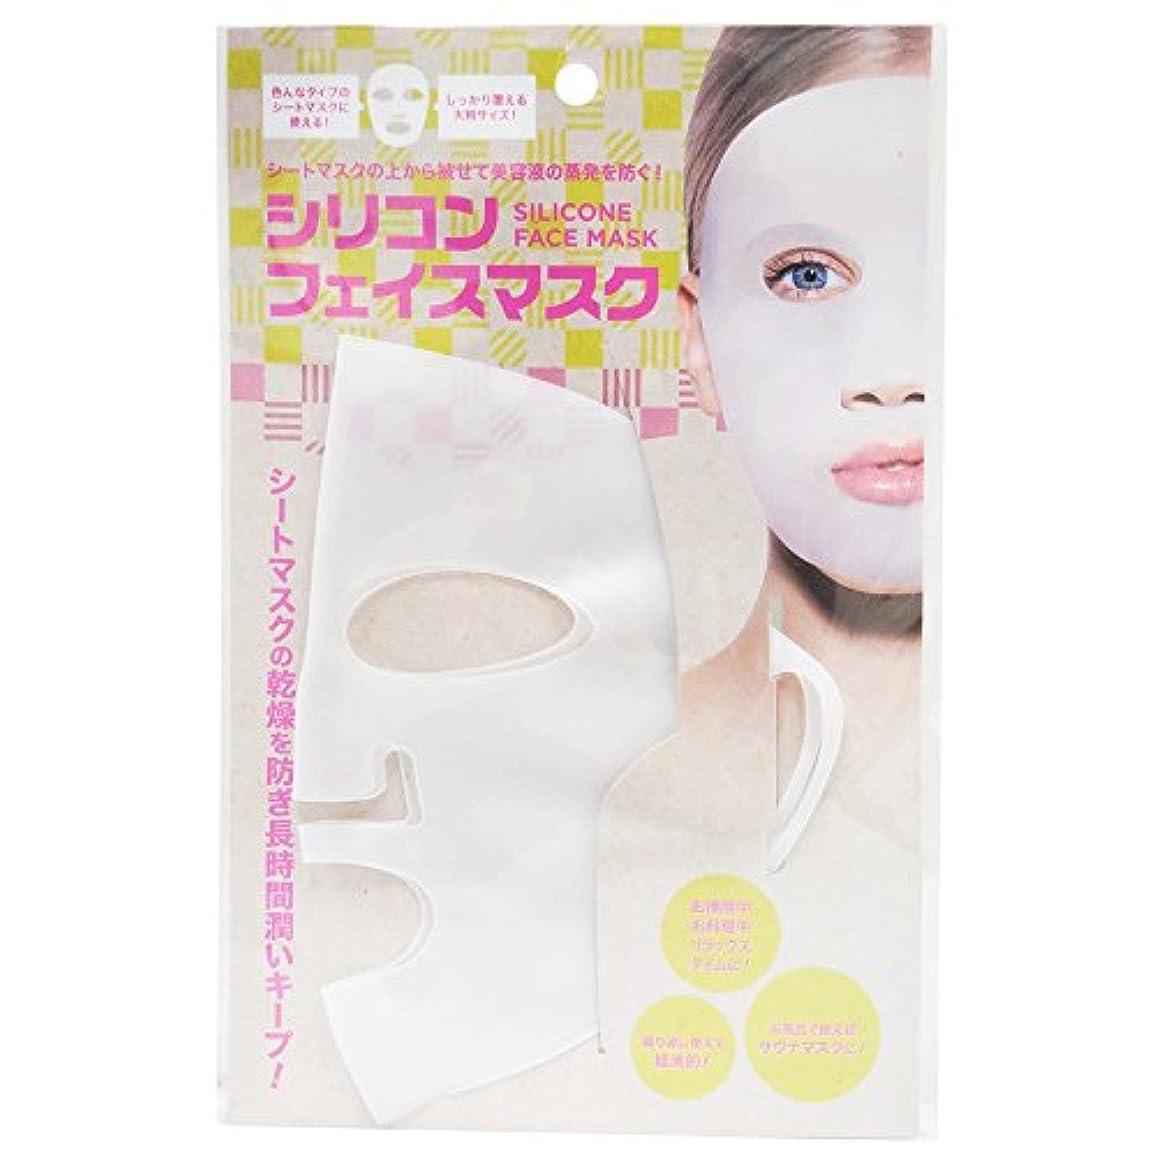 変成器大理石ジュースシリコンフェイスマスク